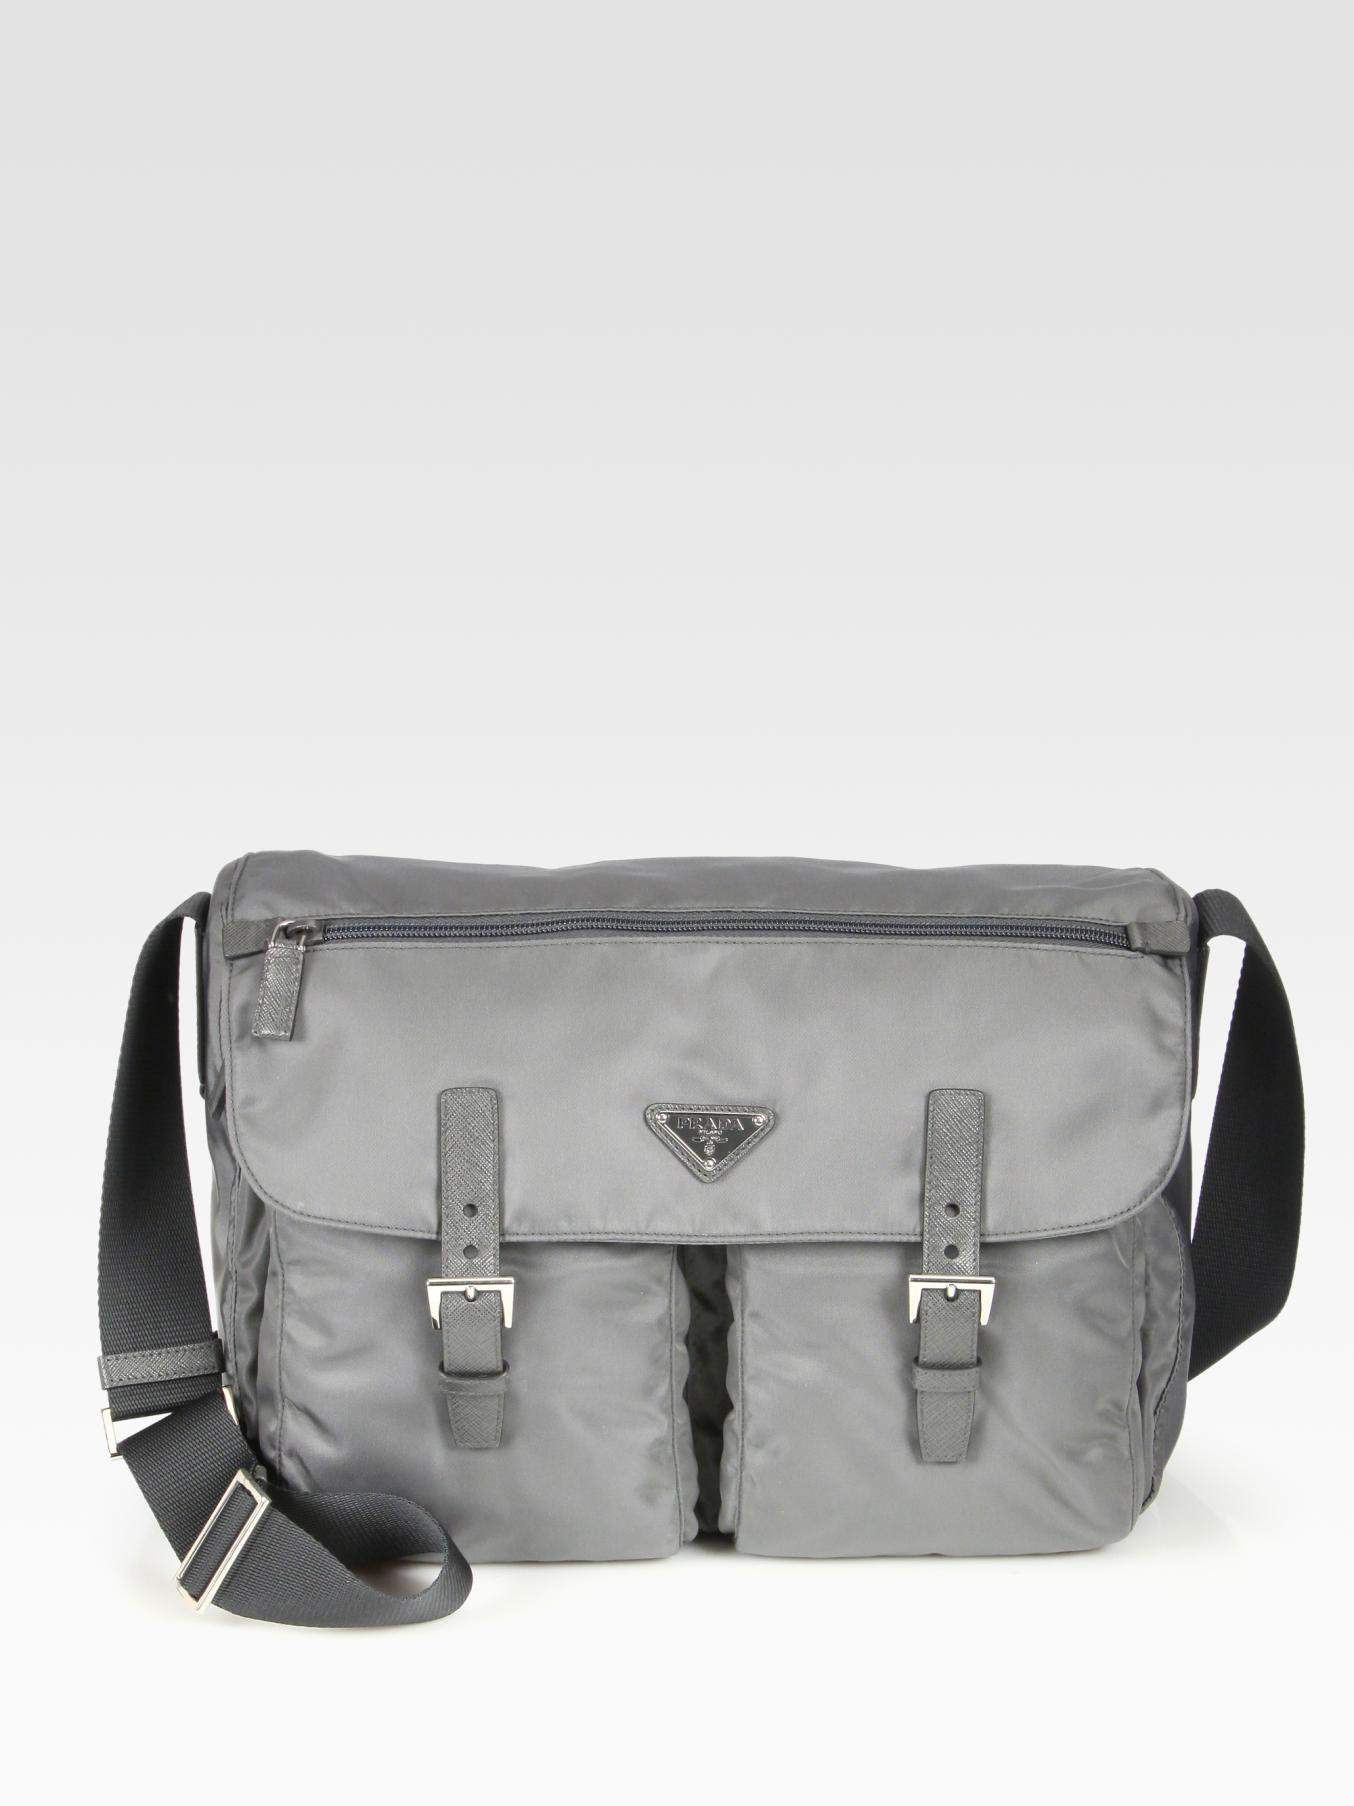 c29d623d9dd Lyst - Prada Vela Messenger Bag in Gray for Men